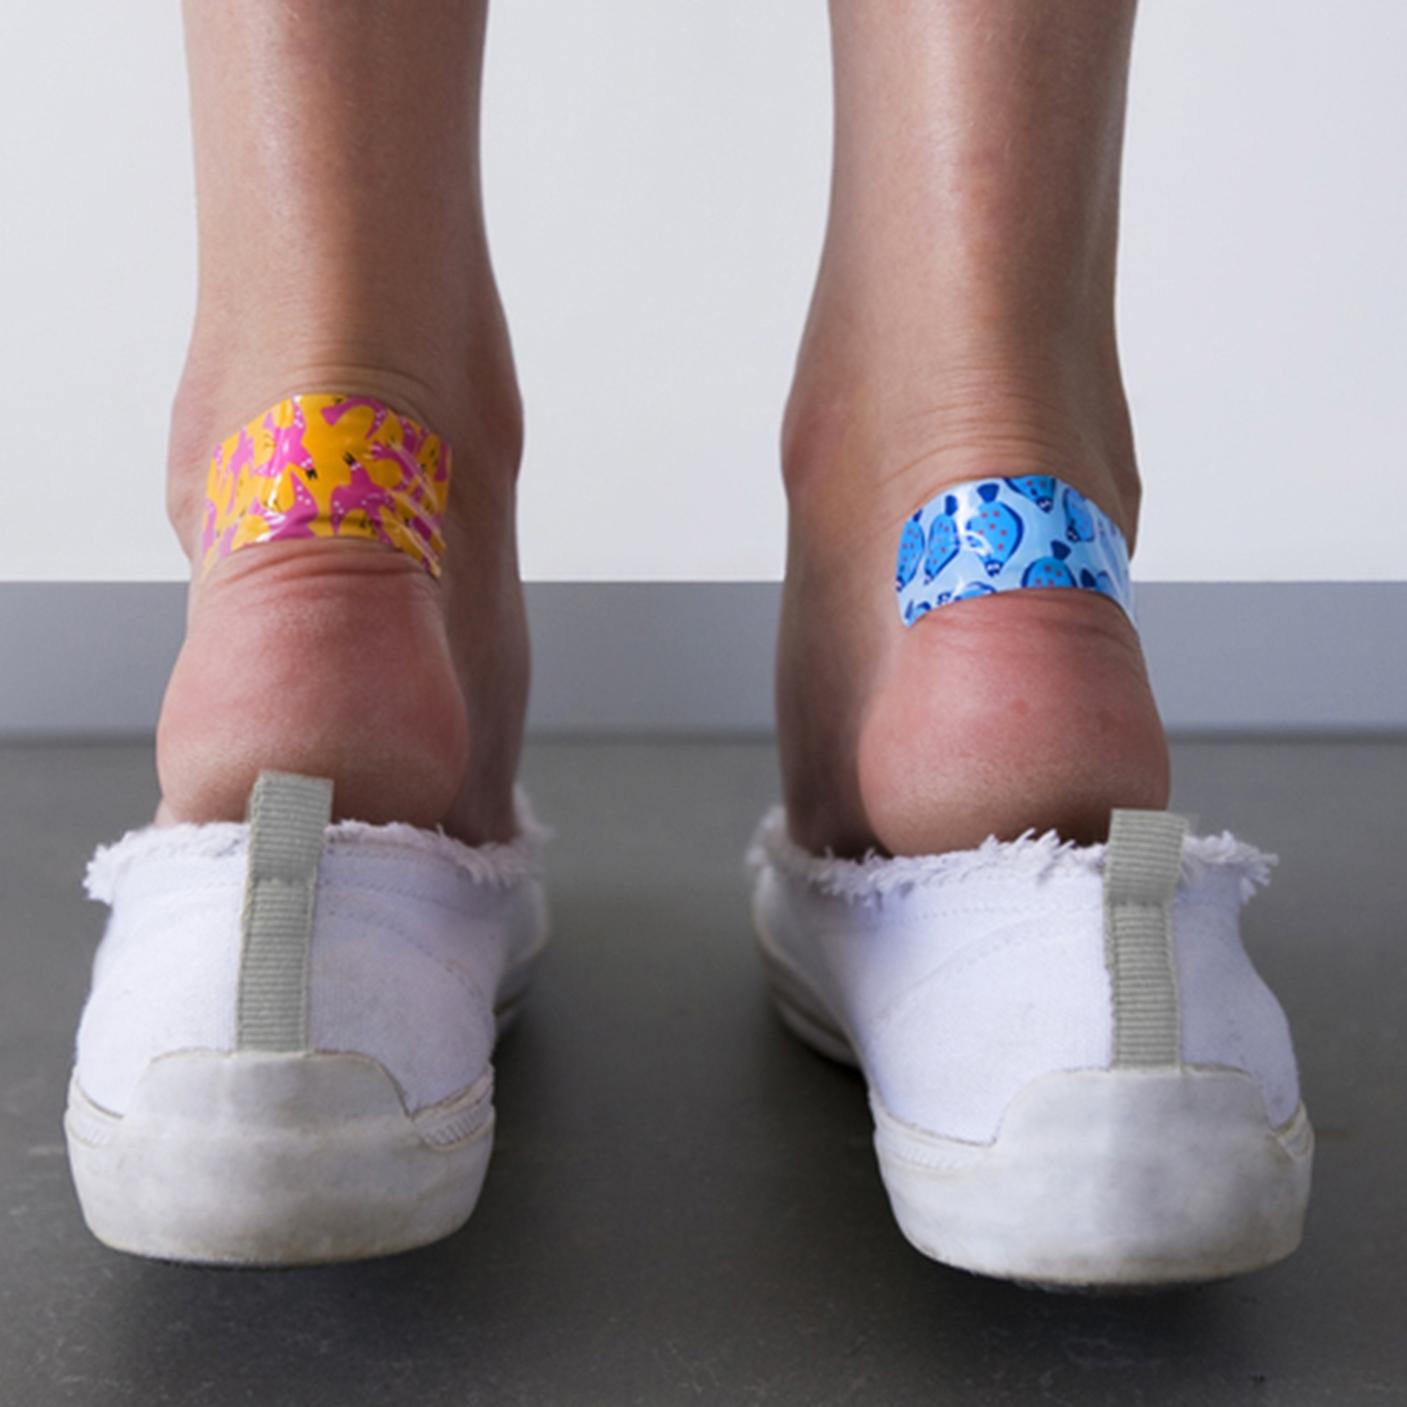 Как растянуть обувь в домашних условиях: увеличить на